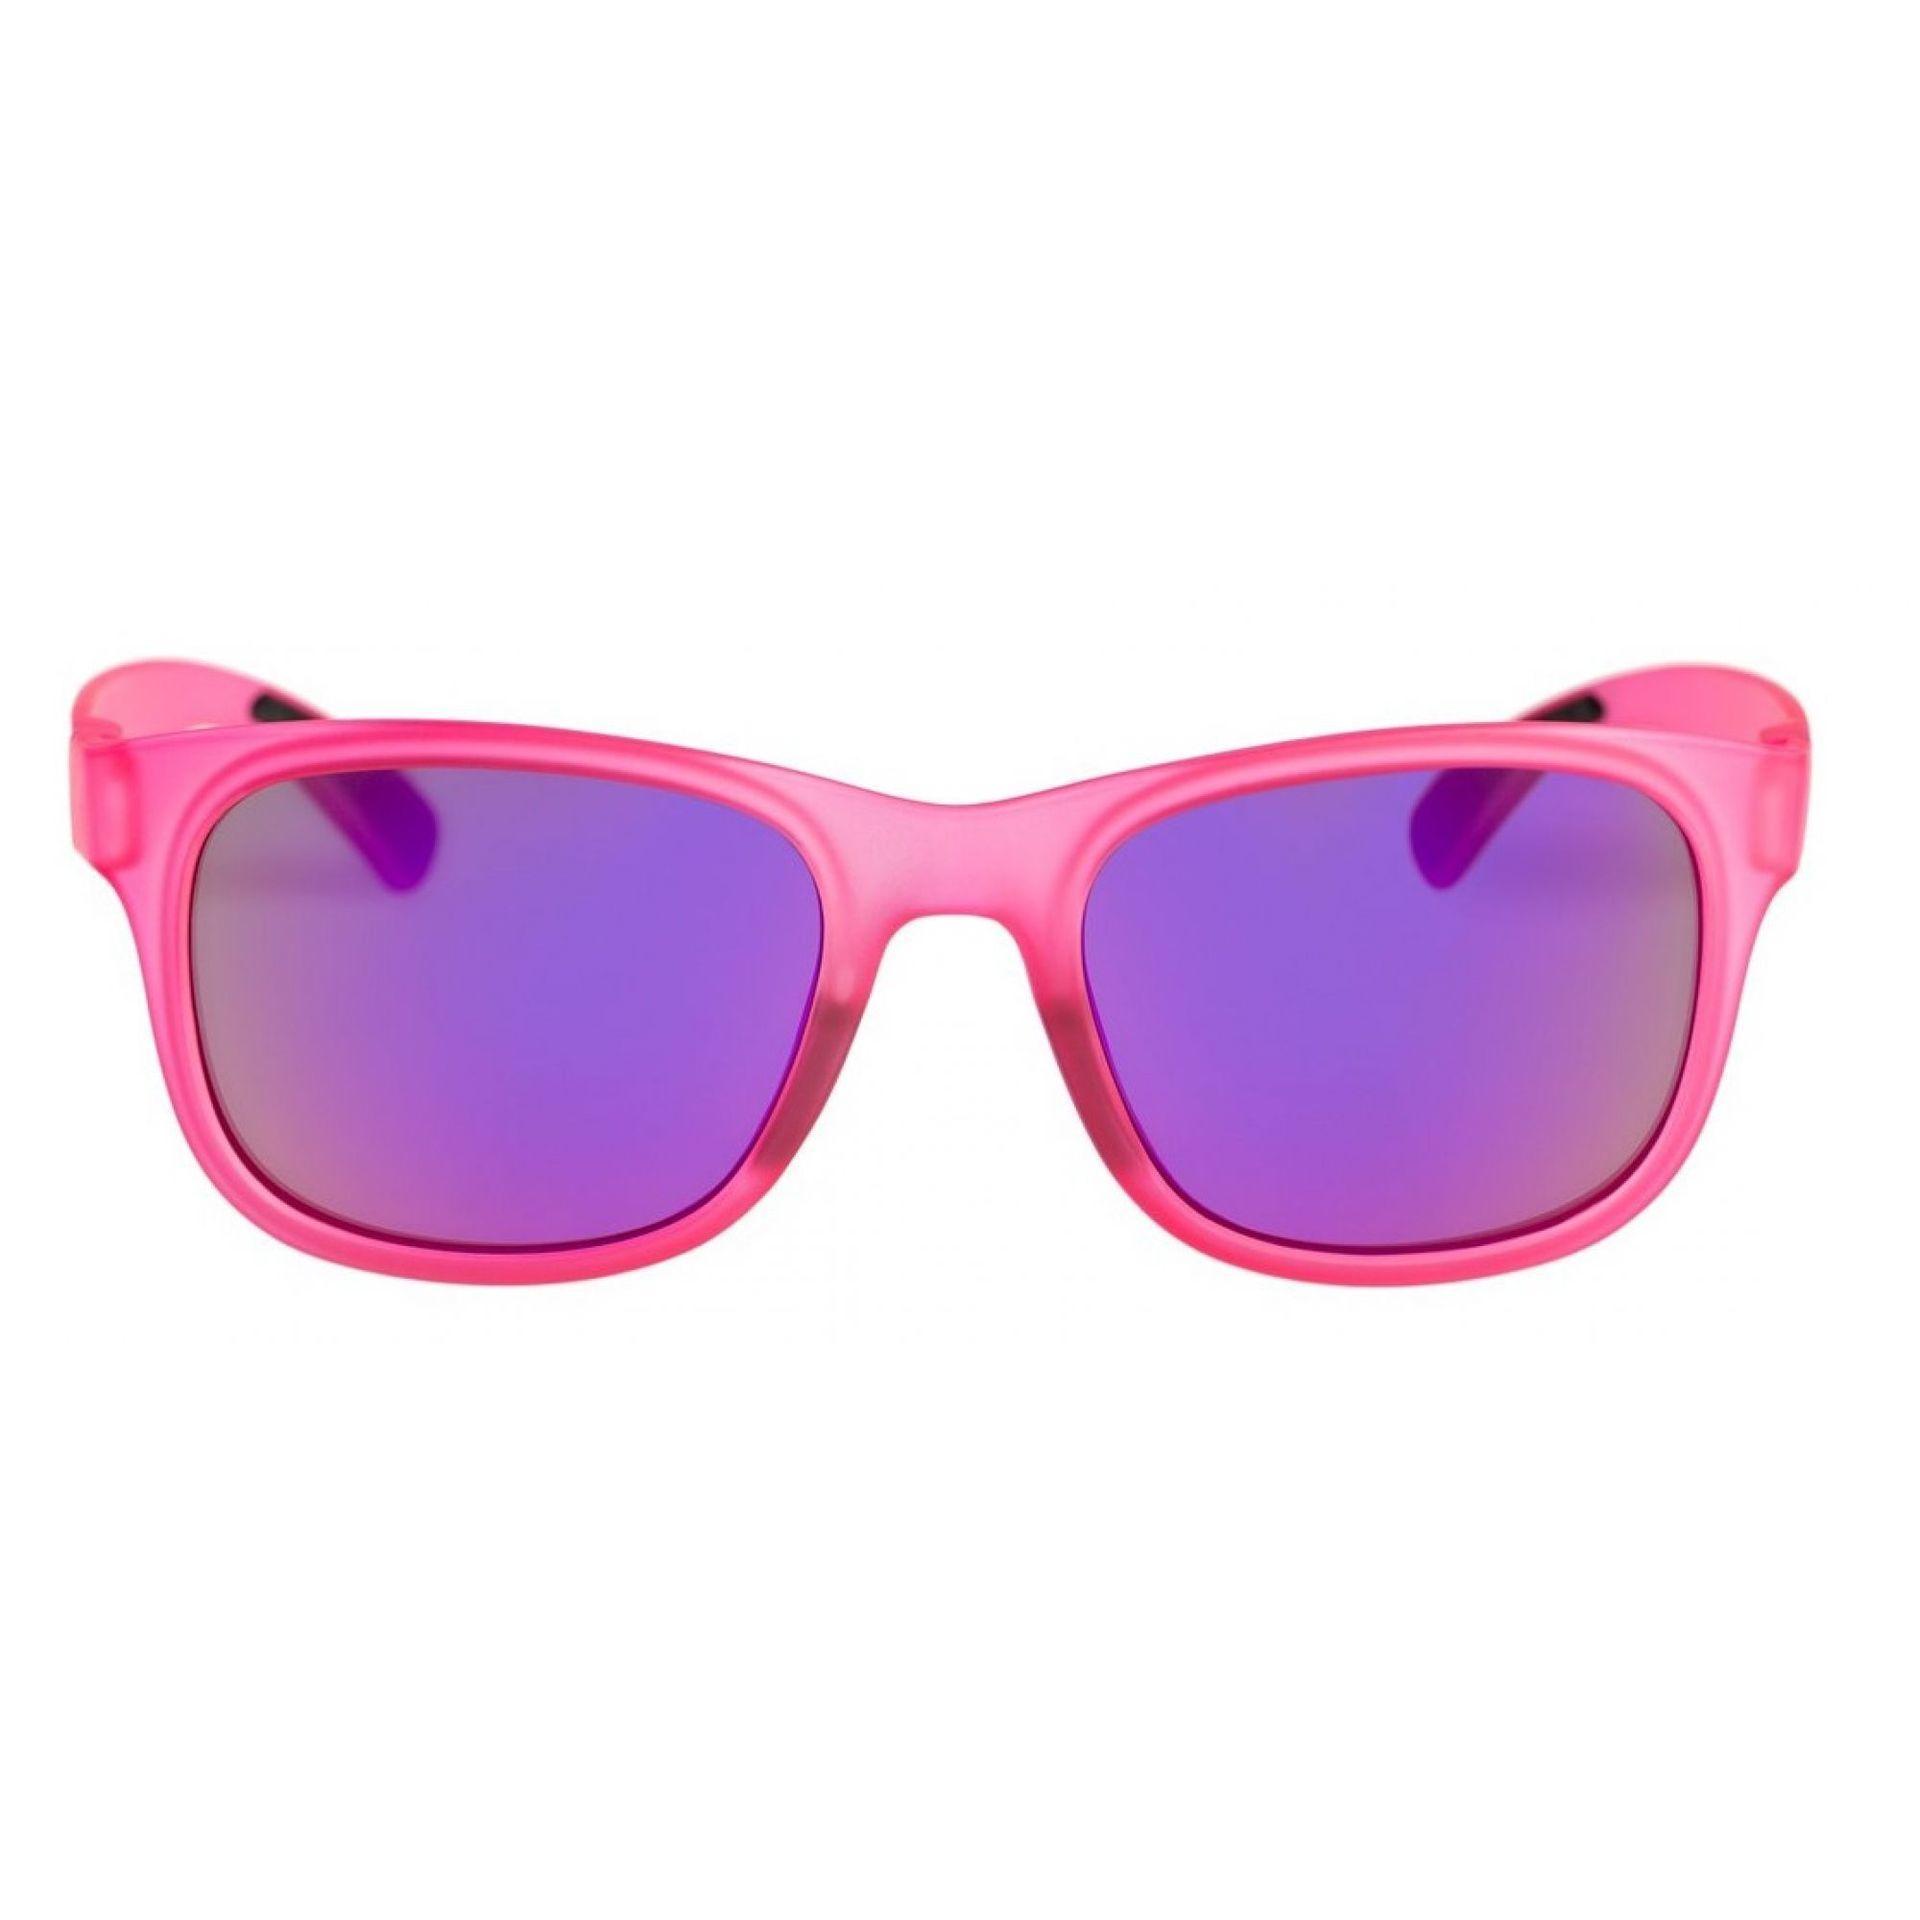 Okulary Roxy Runaway widok z przodu różowy